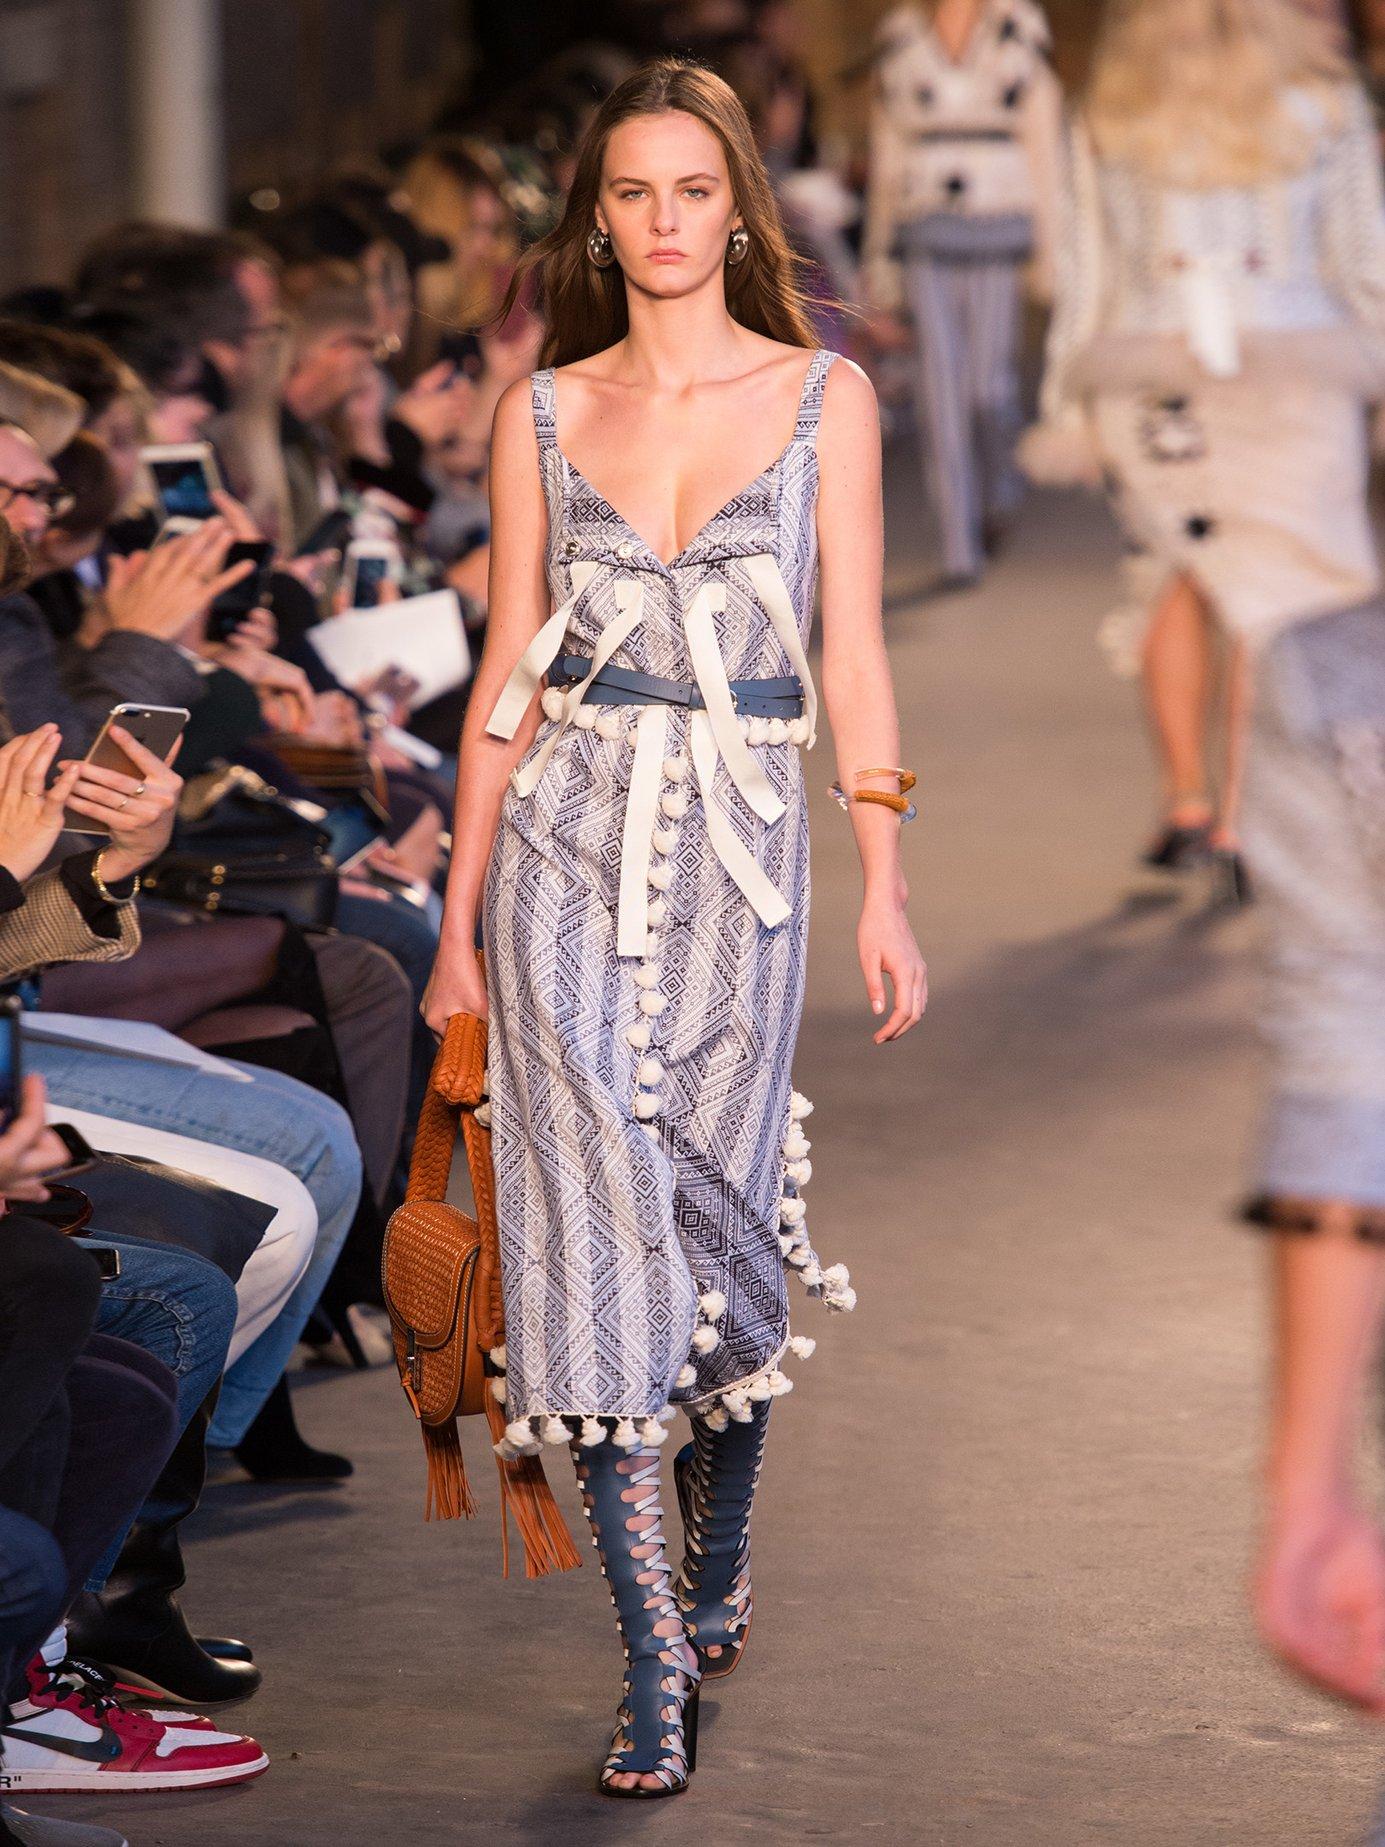 Villette tassel-trimmed diamond-jacquard dress by Altuzarra